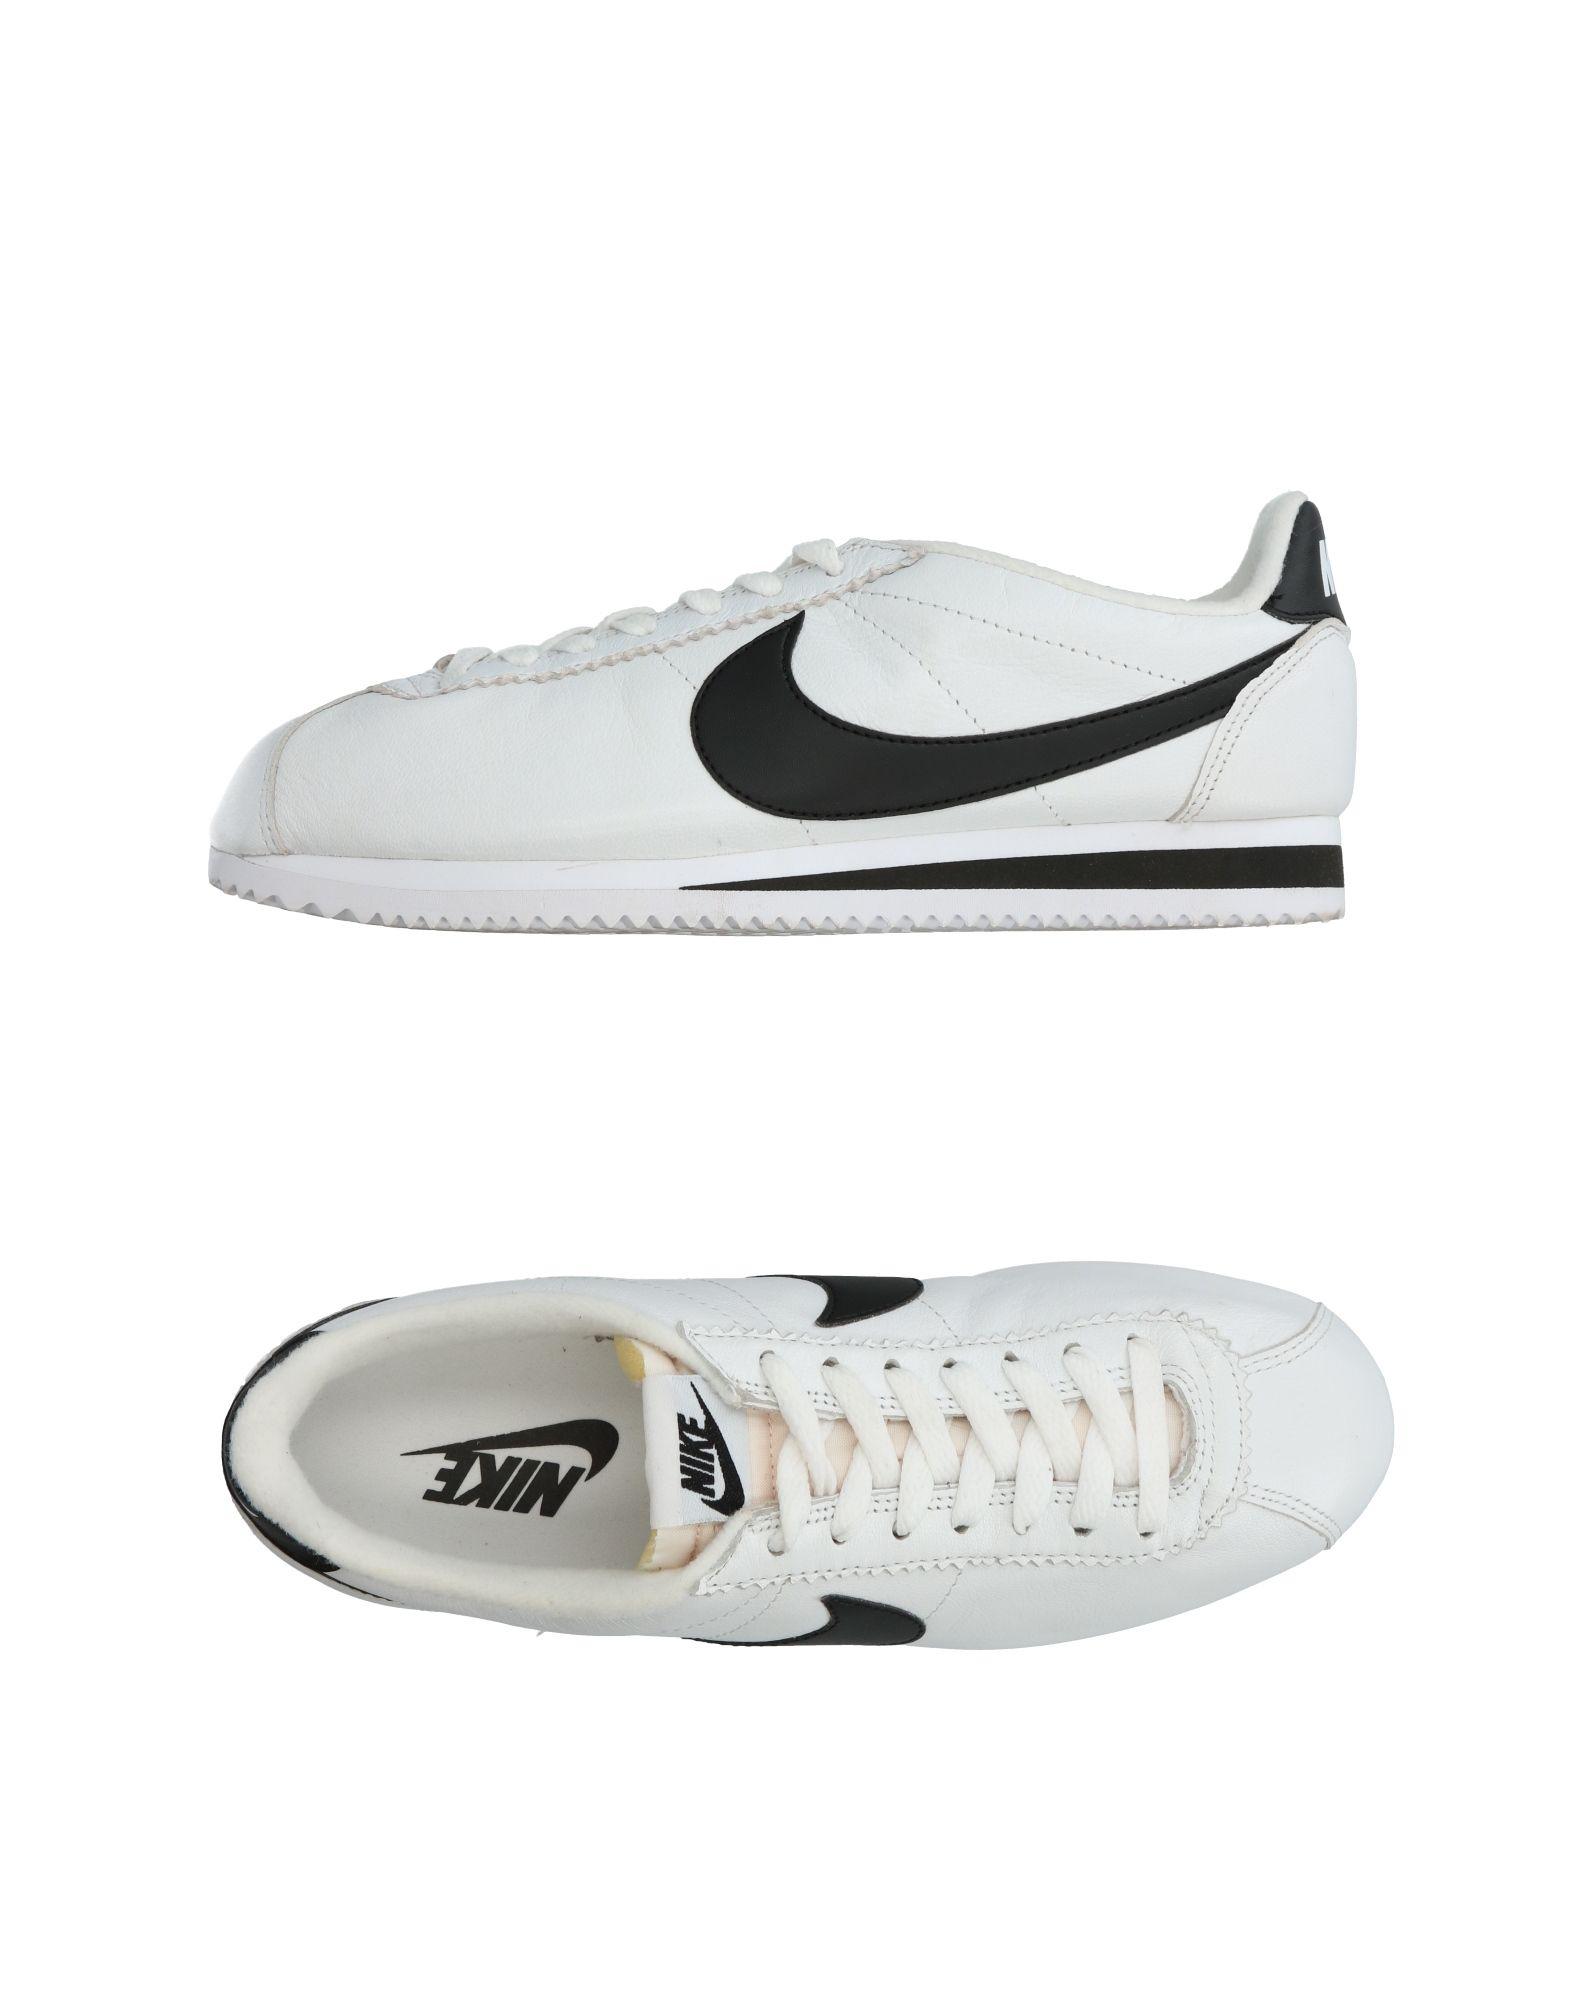 Rabatt Herren echte Schuhe Nike Sneakers Herren Rabatt  11234476NL 0841c7